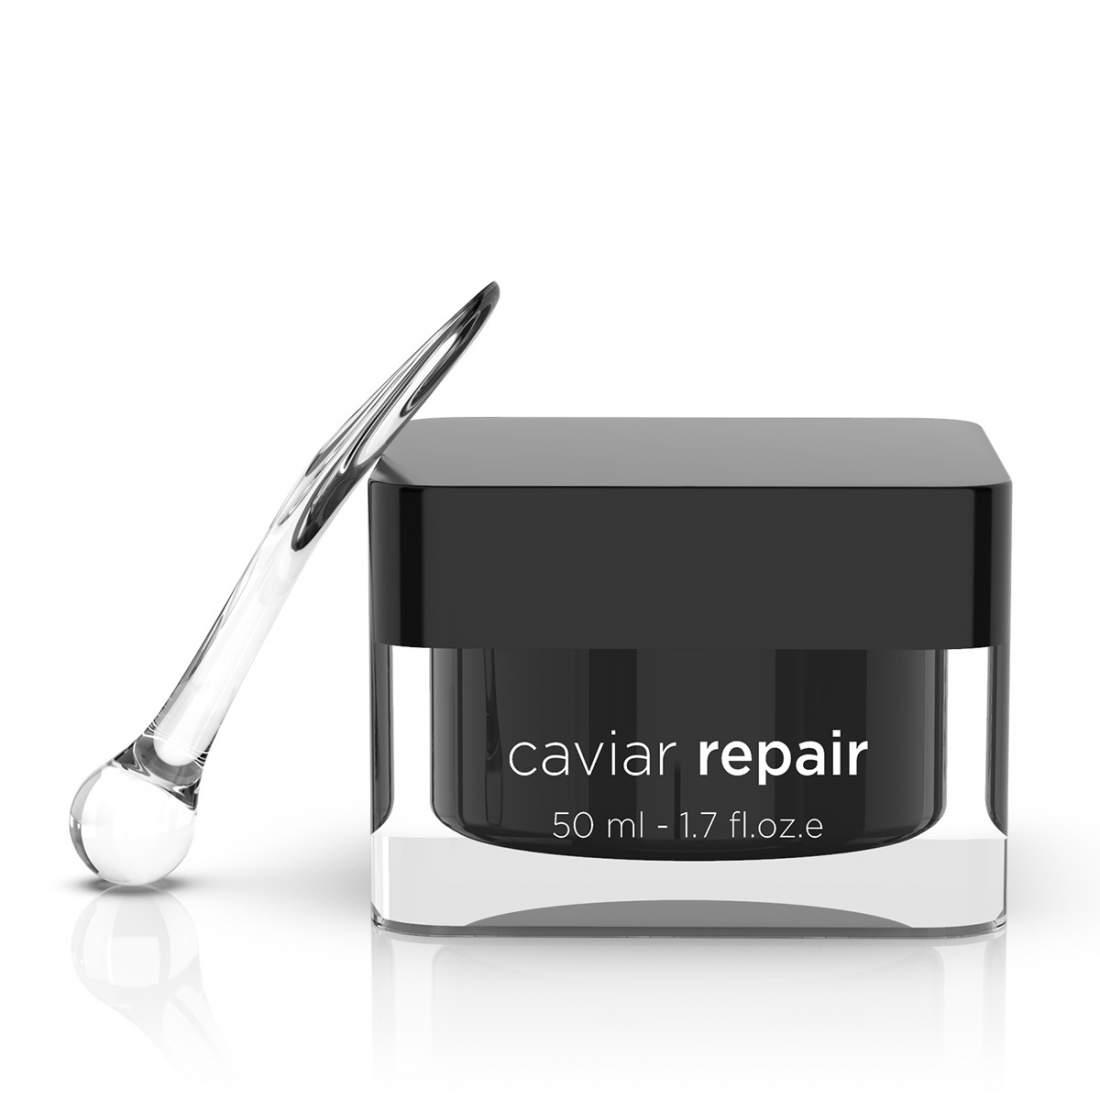 Gazdag regeneráló kaviár krém különlegesség-eKSeption Caviar Repair